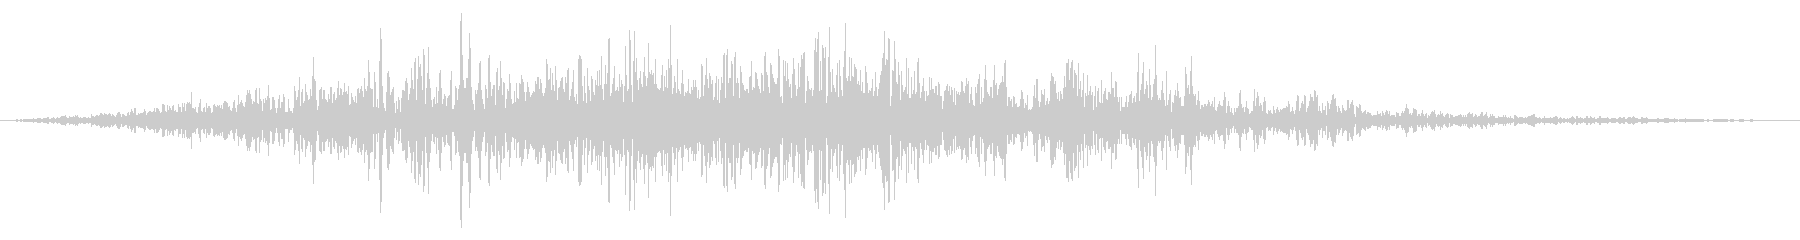 ふすまを開ける音1の未再生の波形